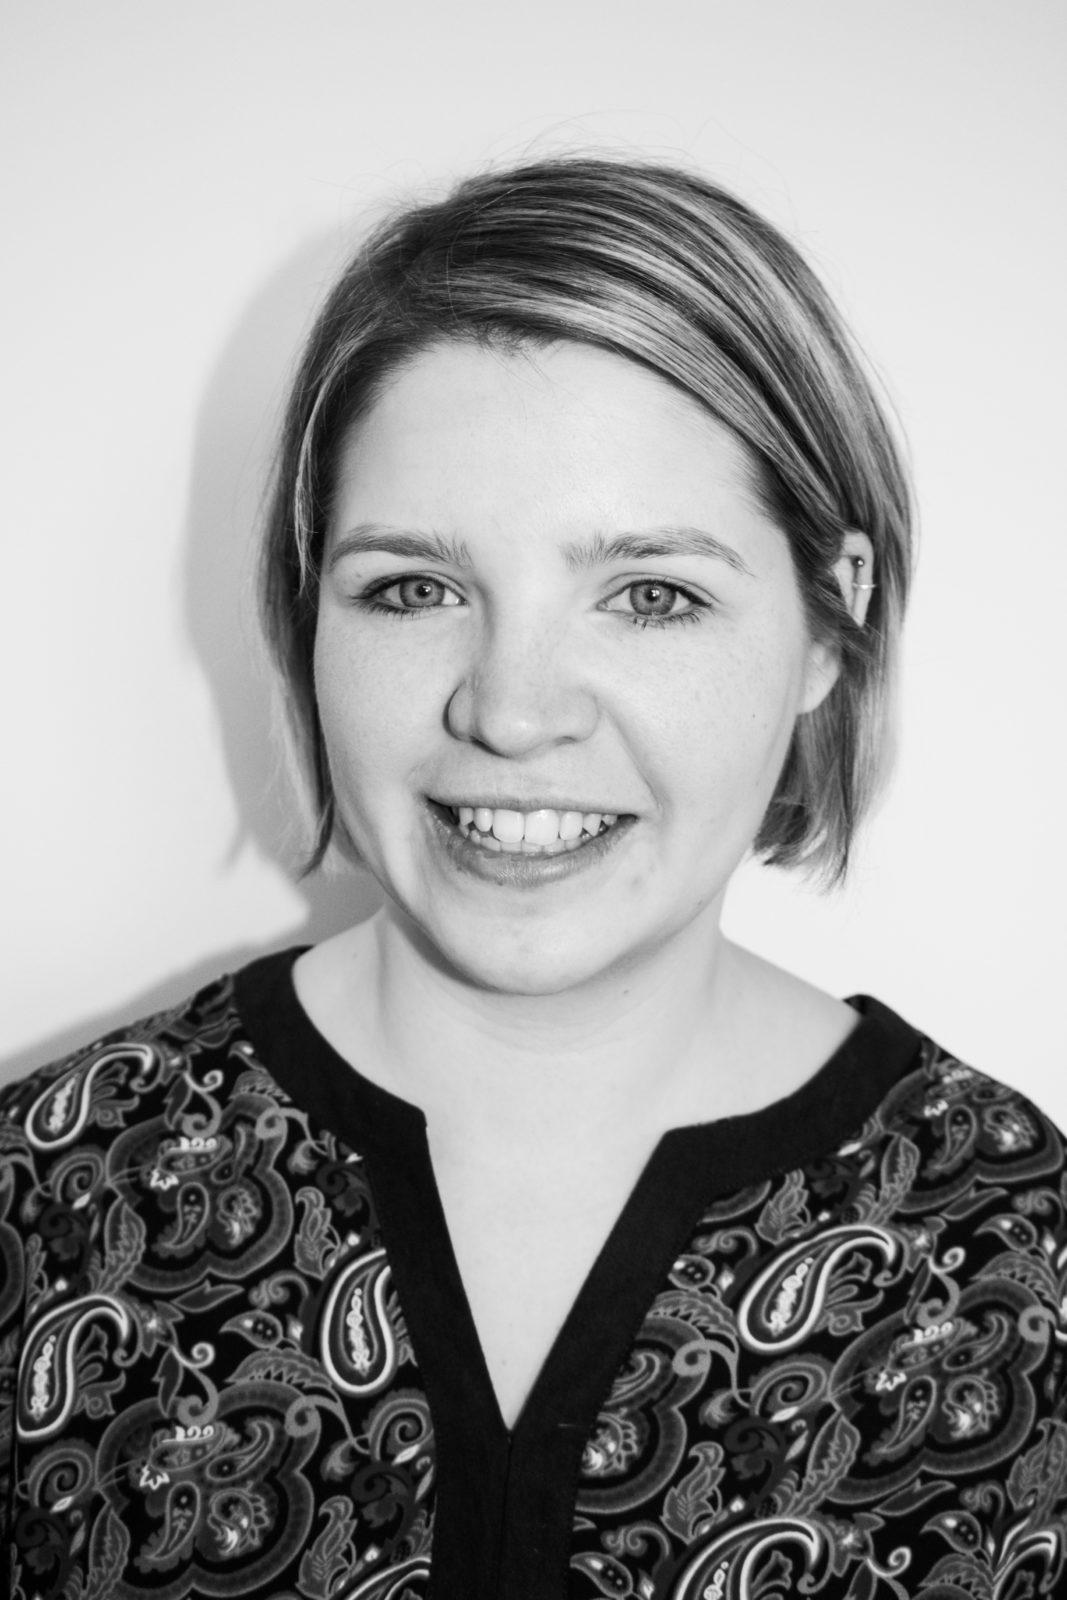 Anna Mattersberger